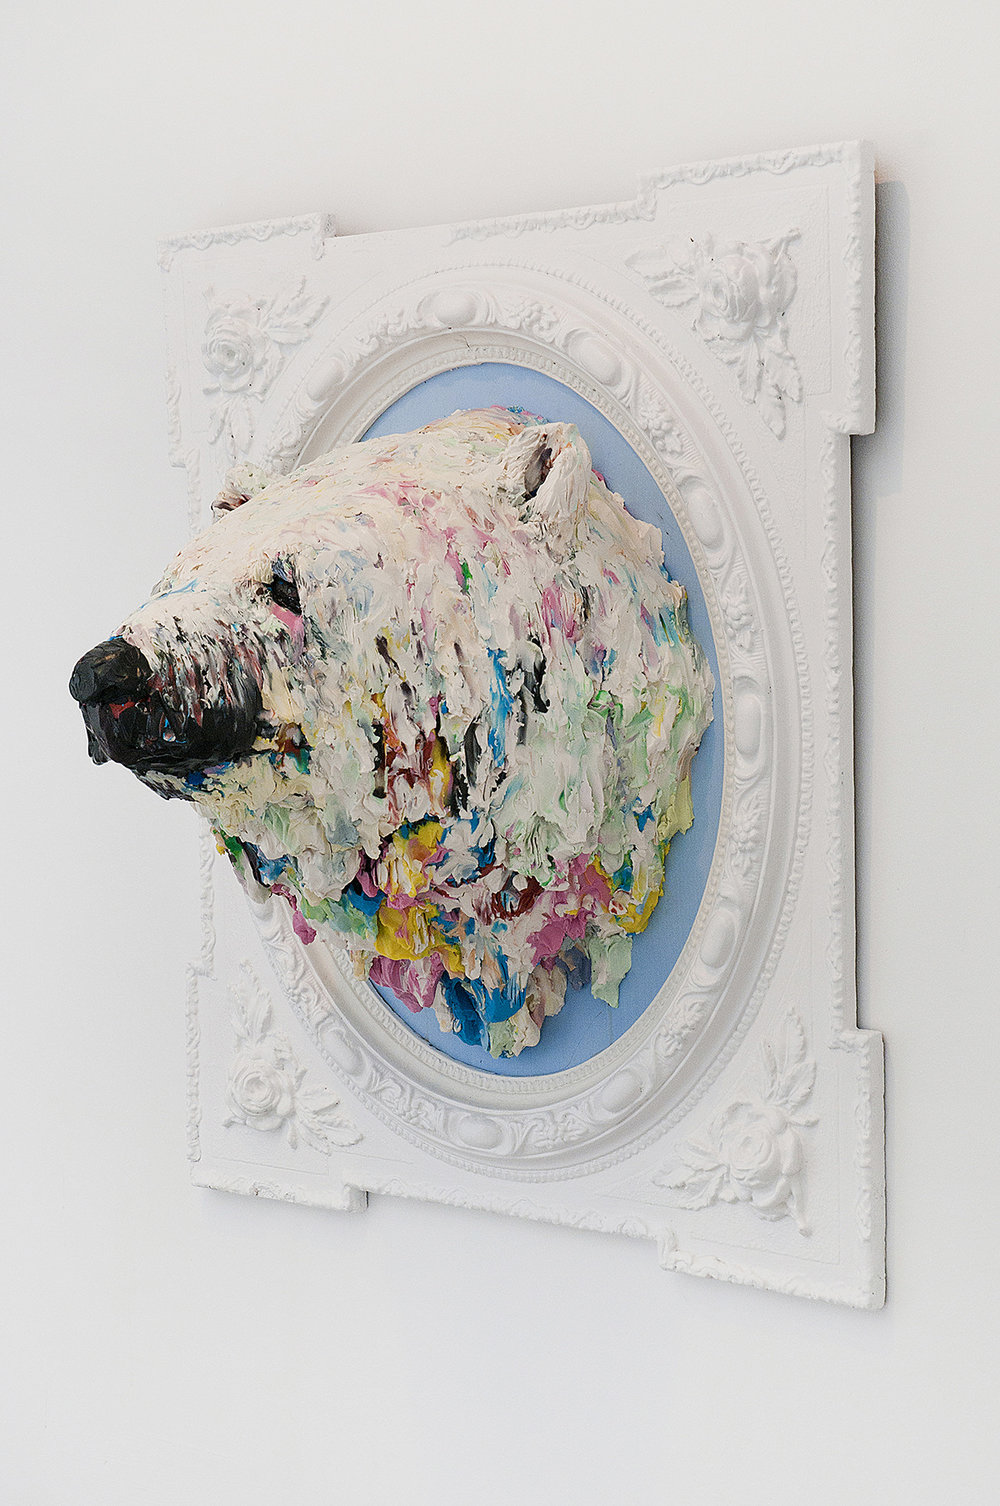 Cabeza de oso polar.Plastilina sobre madera 80 x 95 x 45 cm, 2011